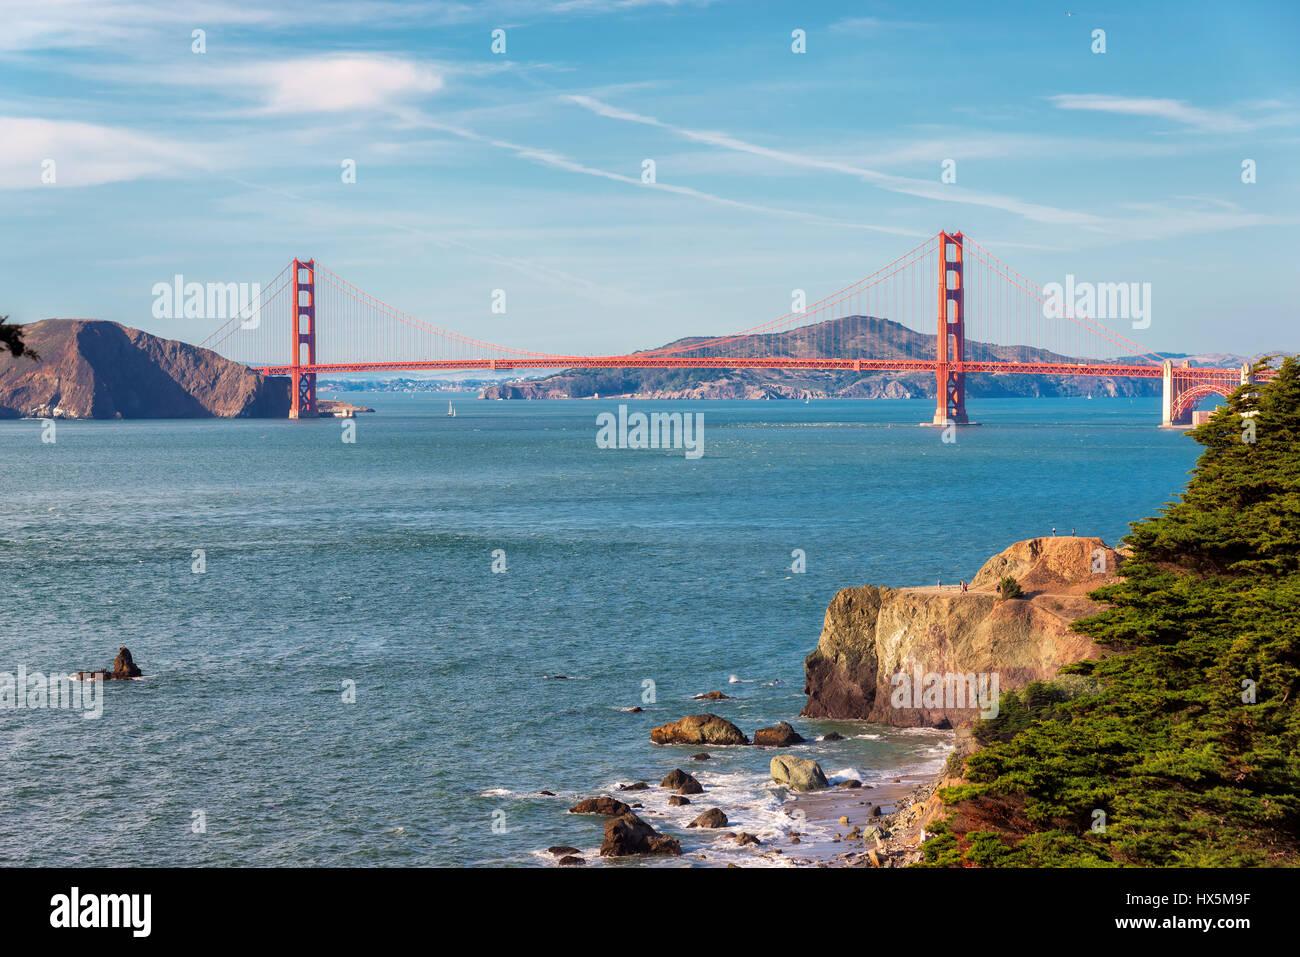 La playa San Francisco y el Golden Gate Bridge en Sunrise, California. Imagen De Stock